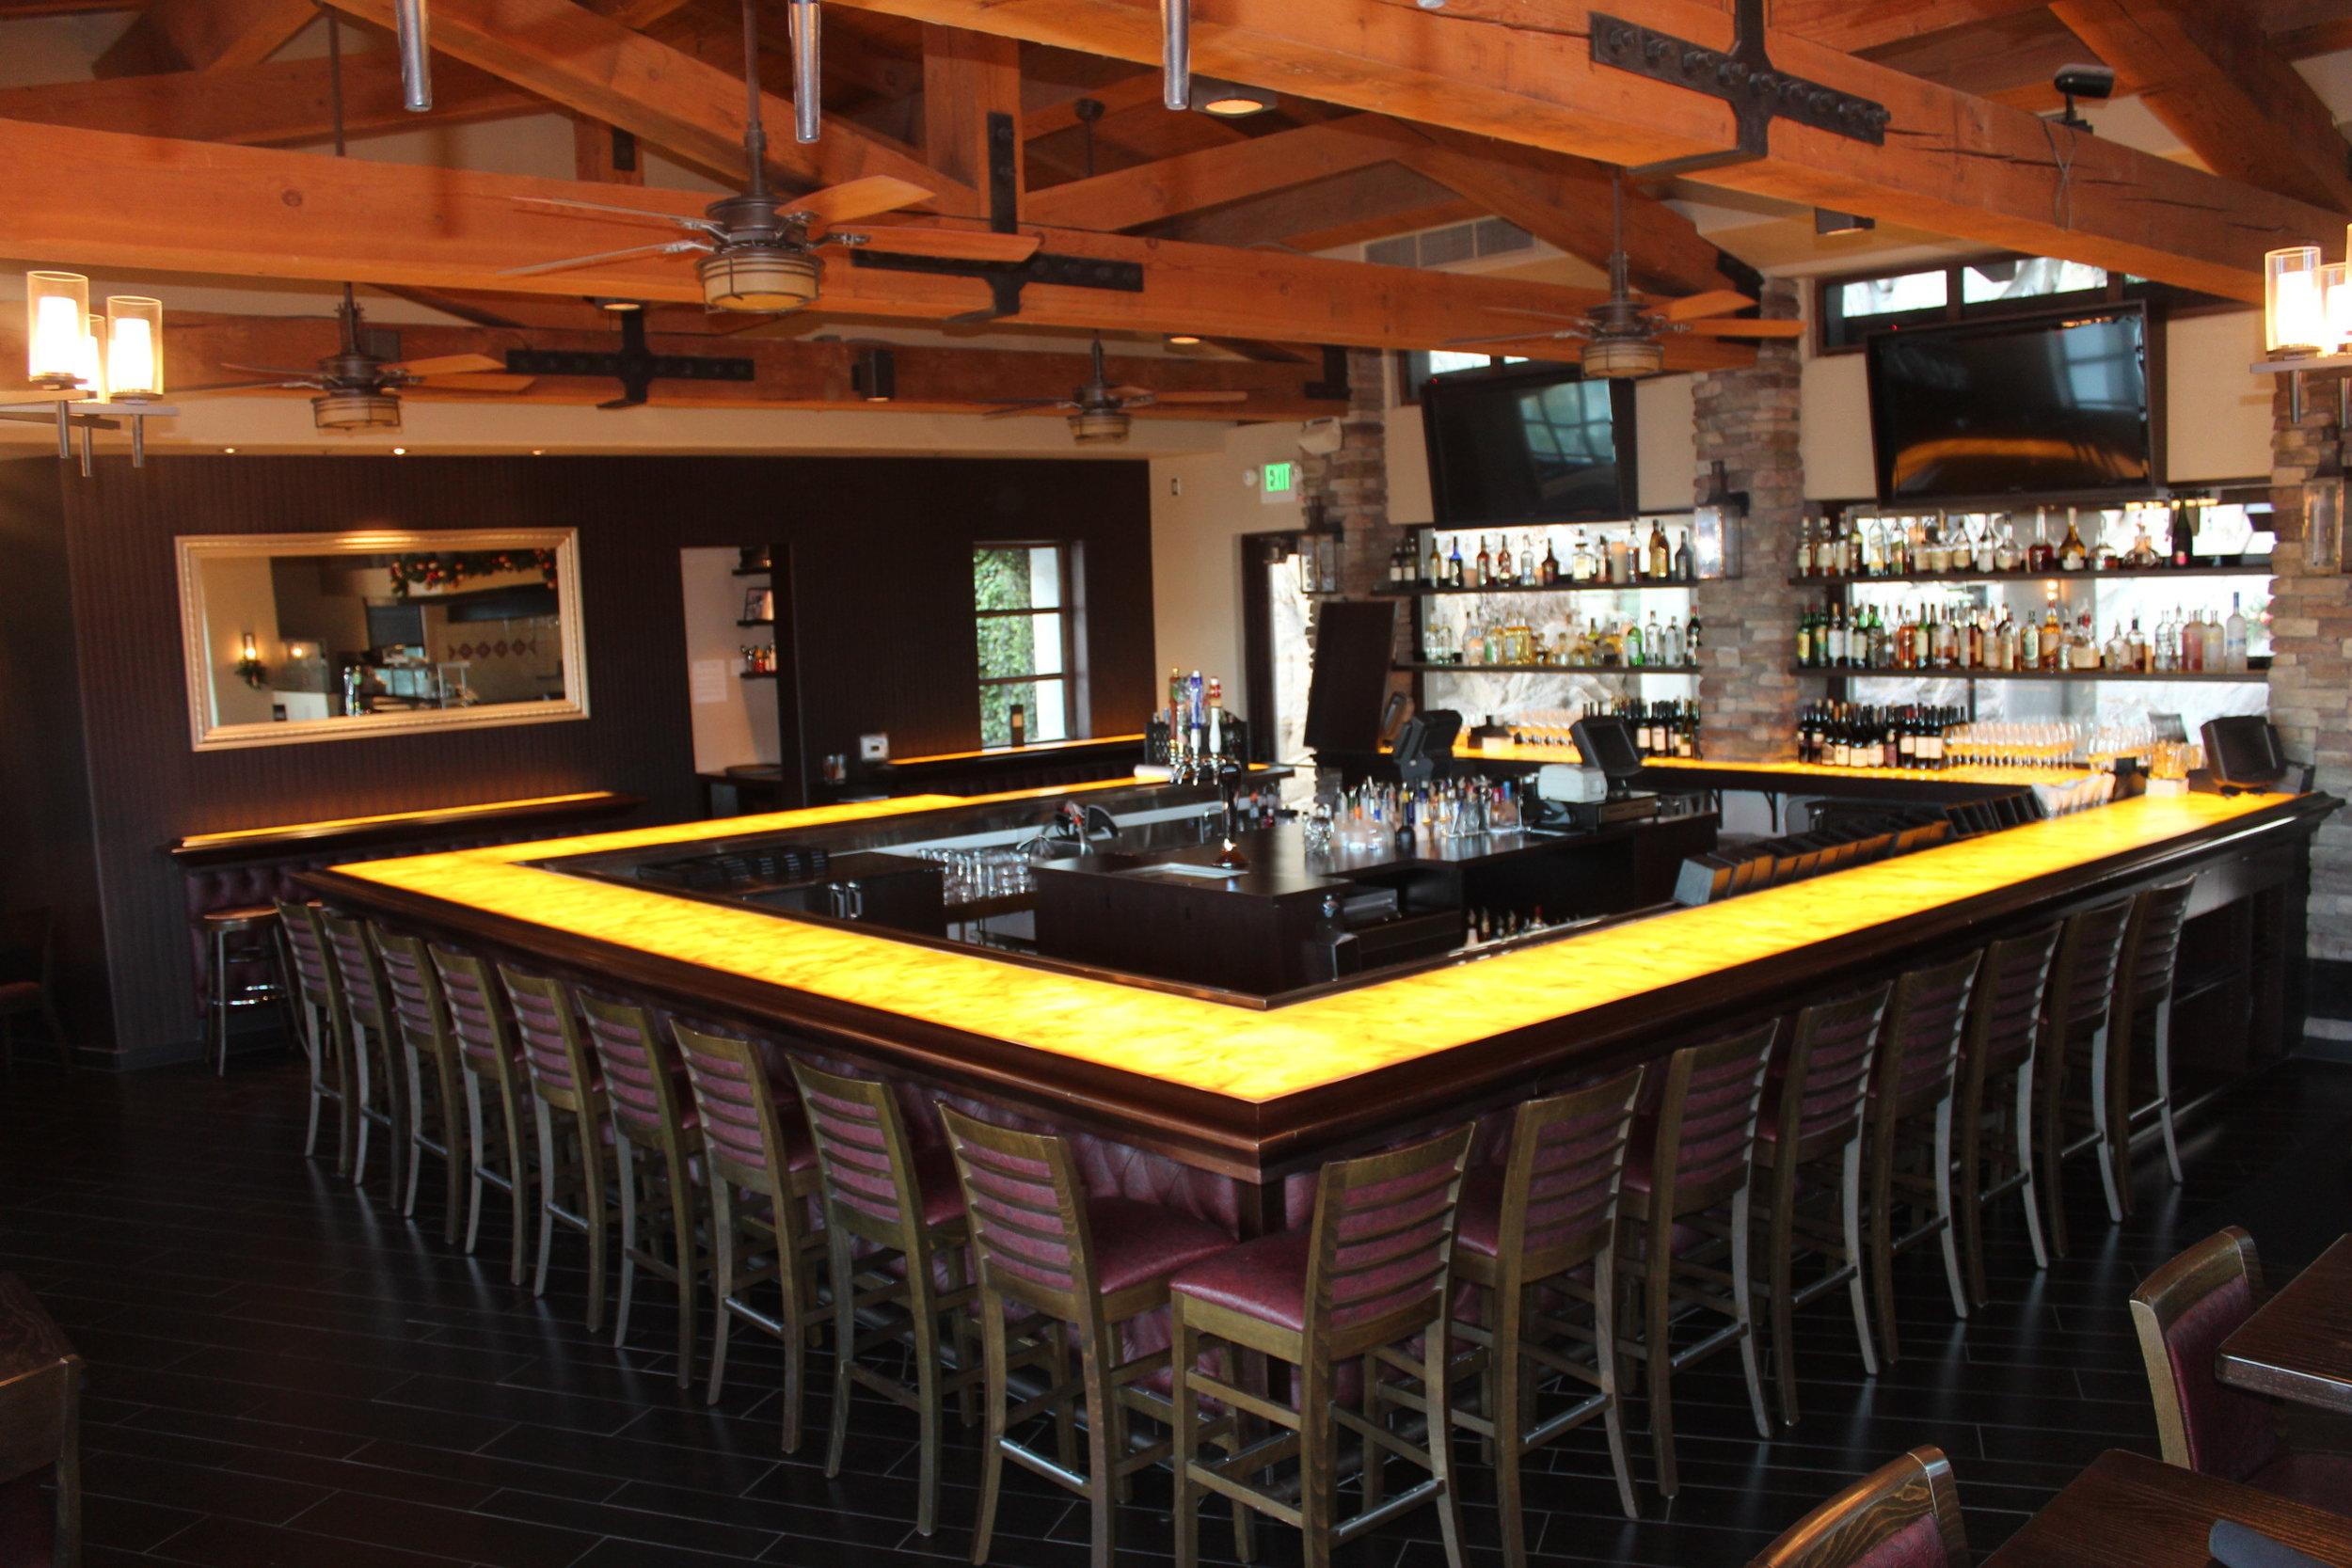 Cliffhouse Bar & GrillLa Quinta, CA - laquintacliffhouse.com